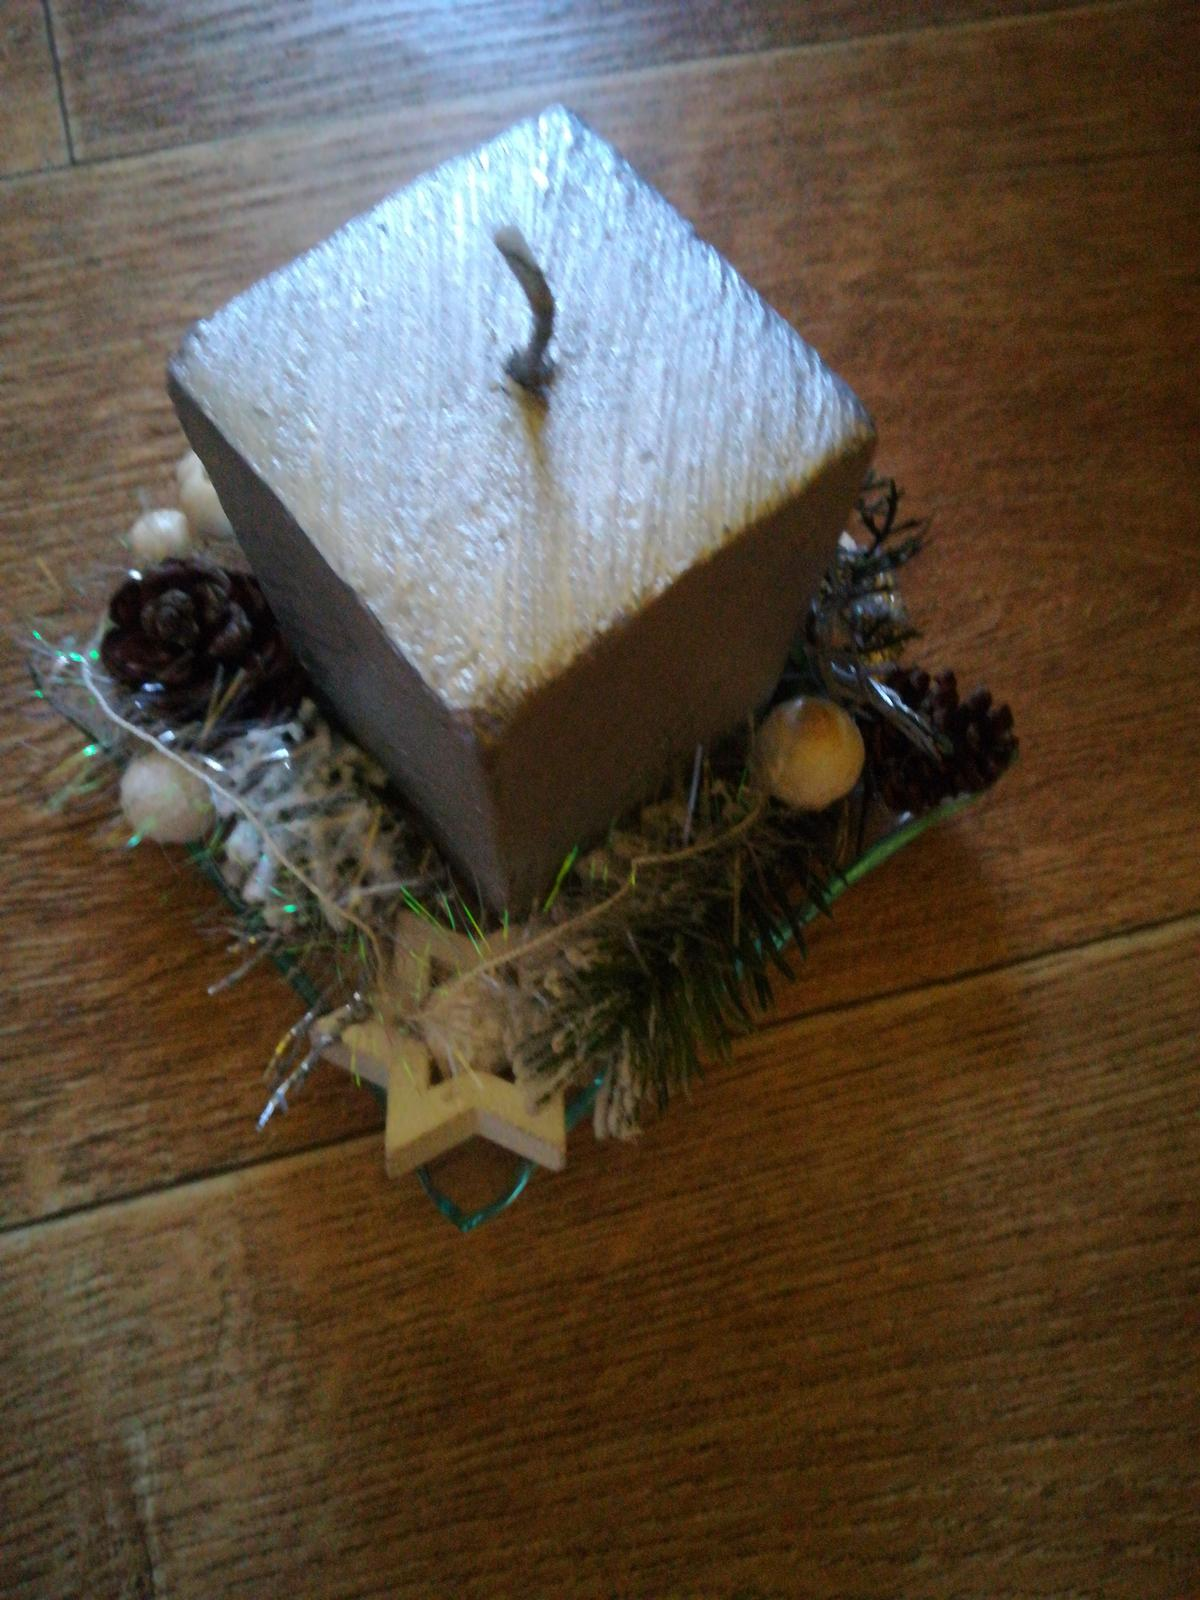 Vianočný aranžmán so sviečkou - Obrázok č. 1